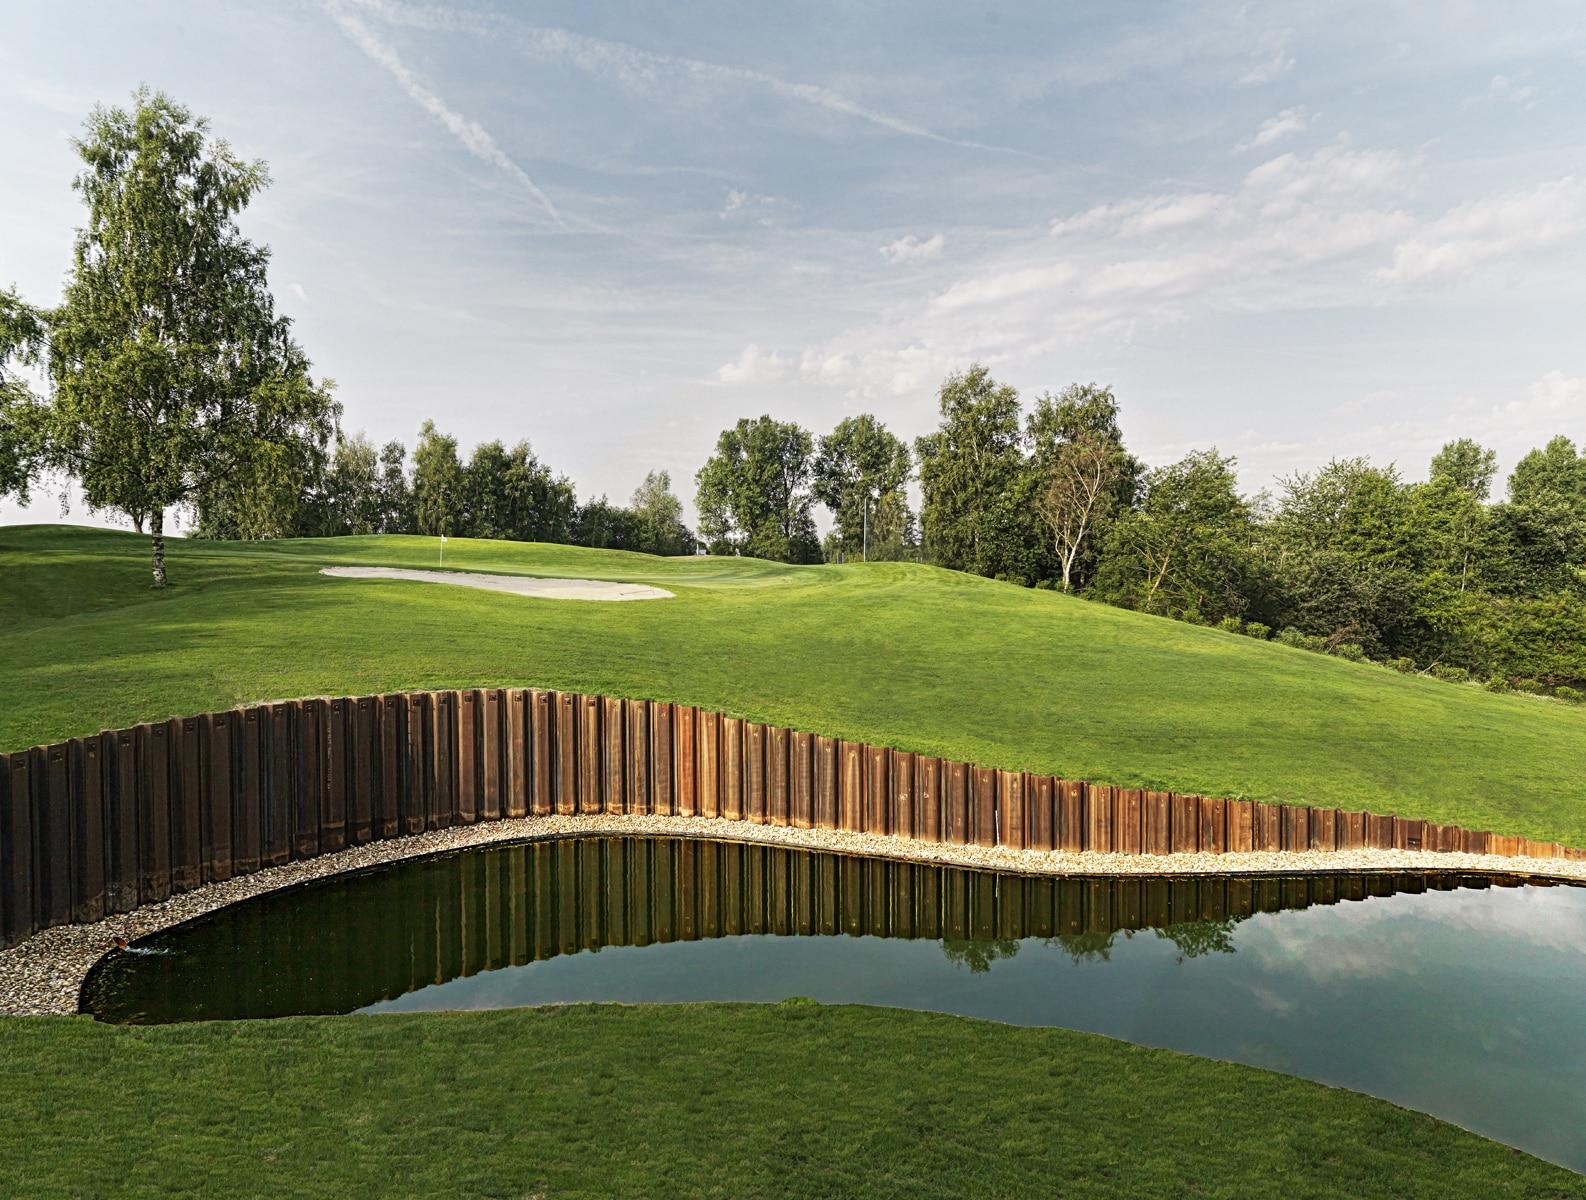 w-dam wedam SBH Hoffmann Krings Golf CW